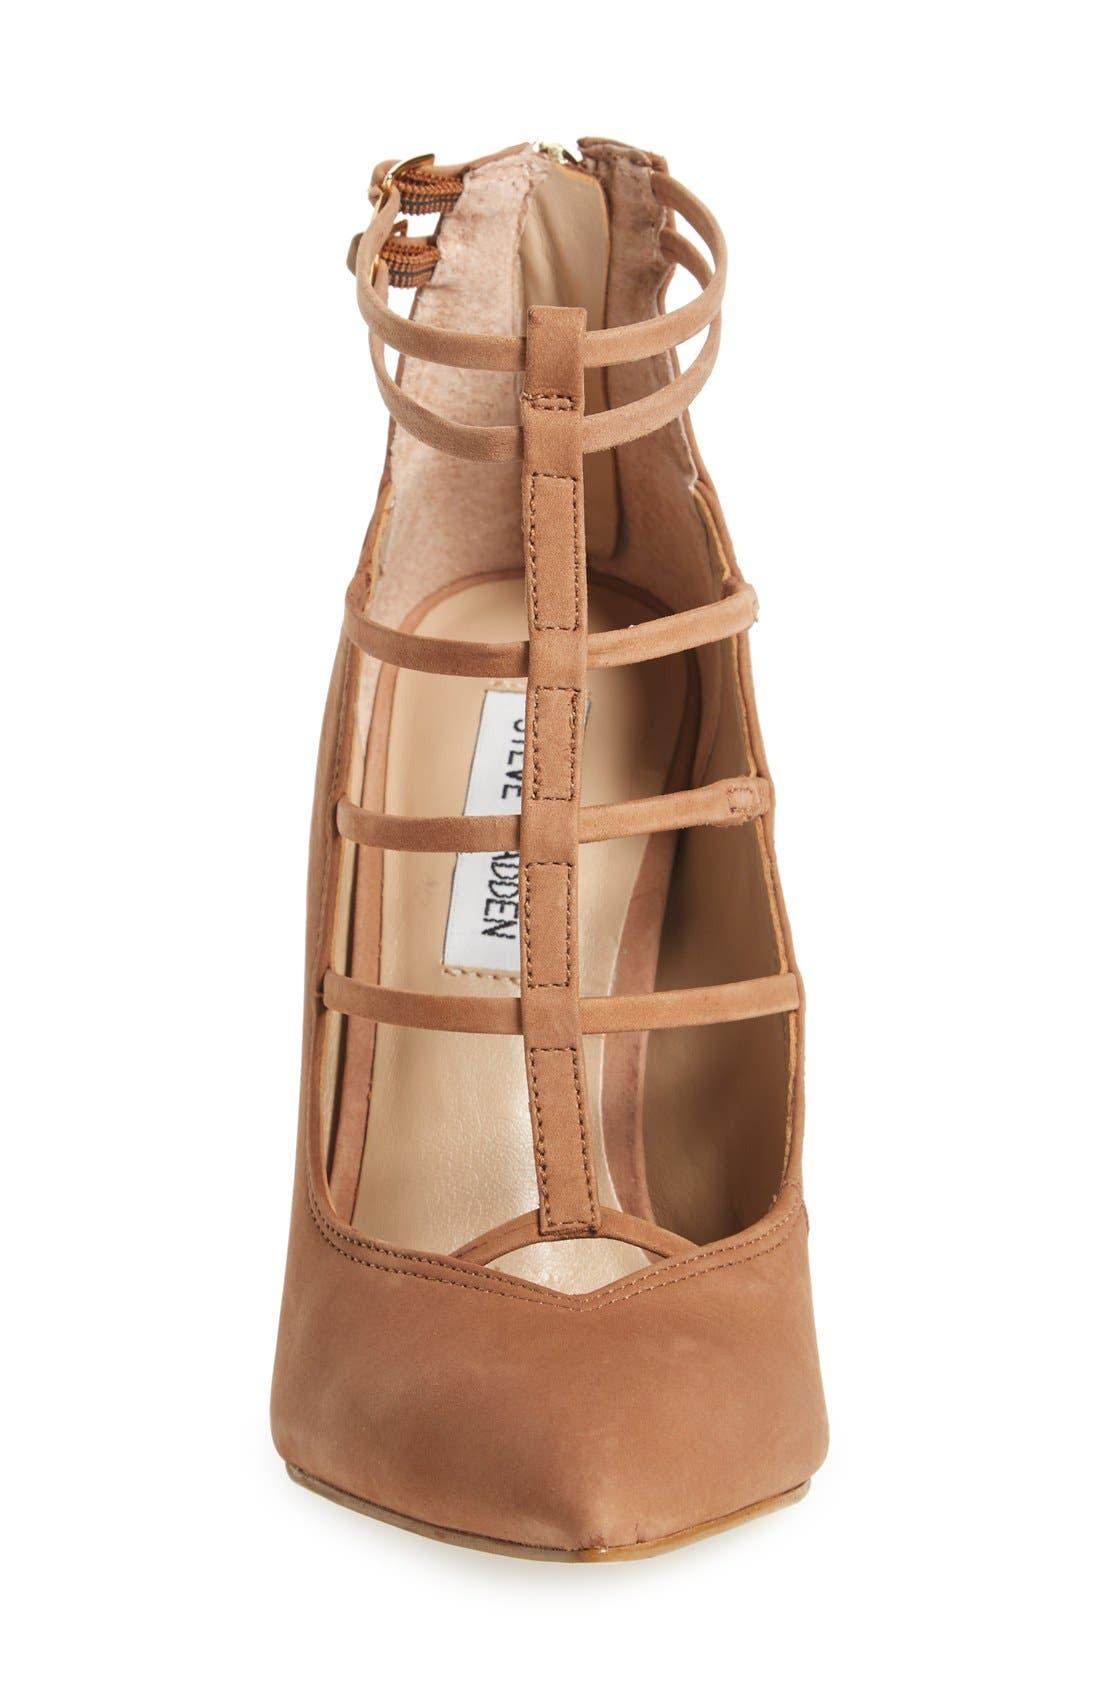 Alternate Image 3  - Steve Madden 'Prazed' Ankle Strap Pump (Women)